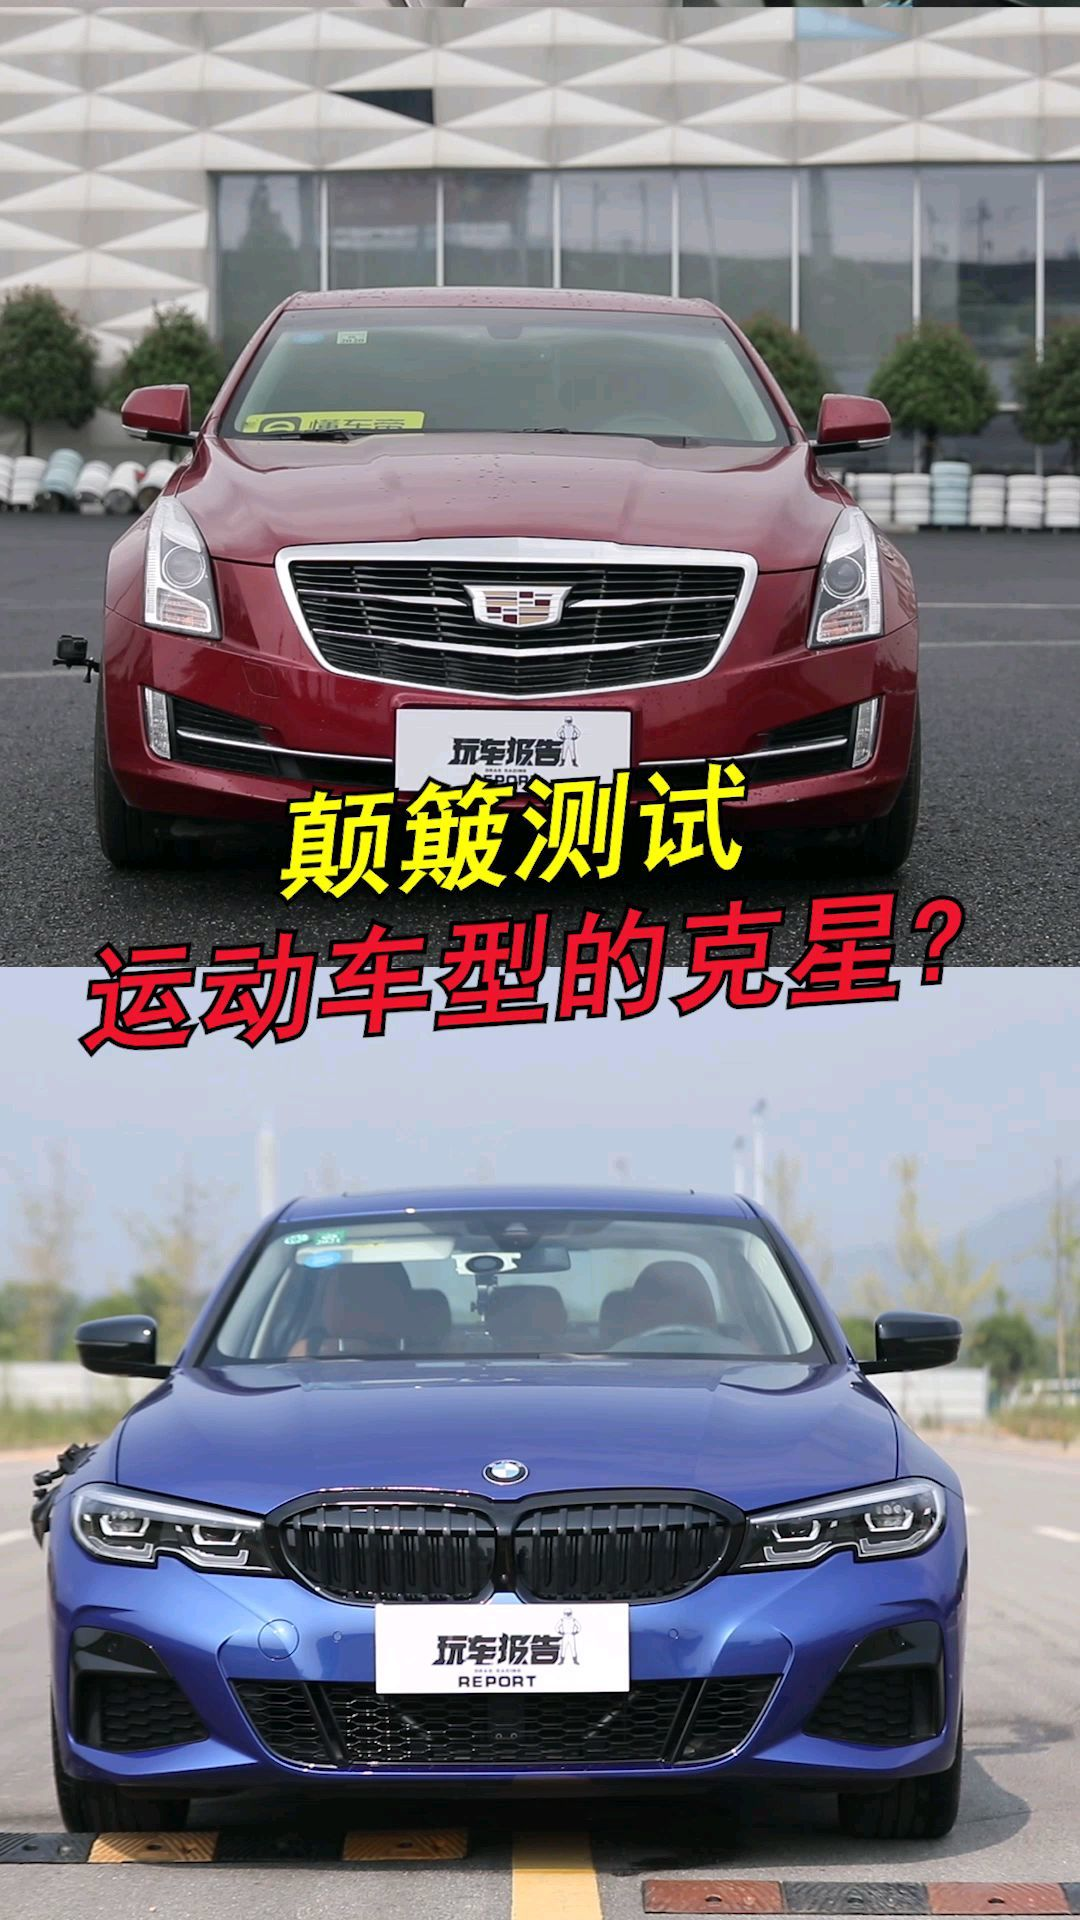 极限颠簸测试,真的是运动车型的克星?